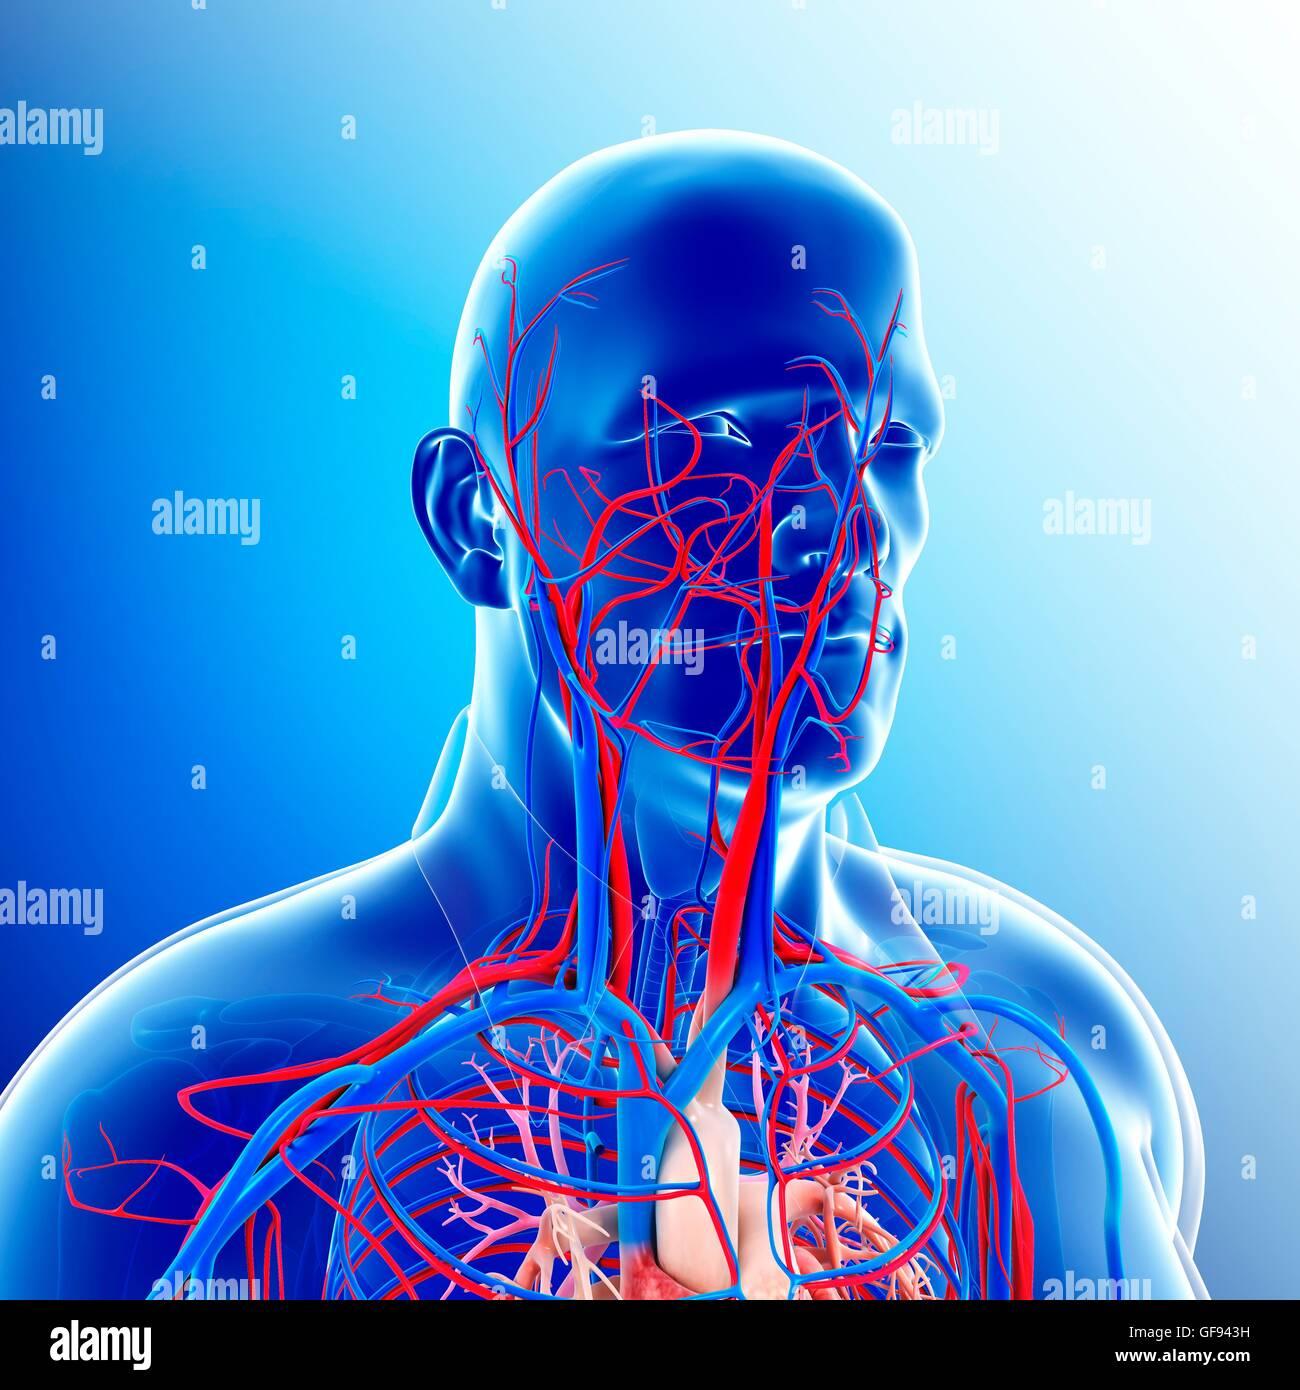 Darstellung der männlichen Kopf und Hals Blutgefäße Stockfoto, Bild ...